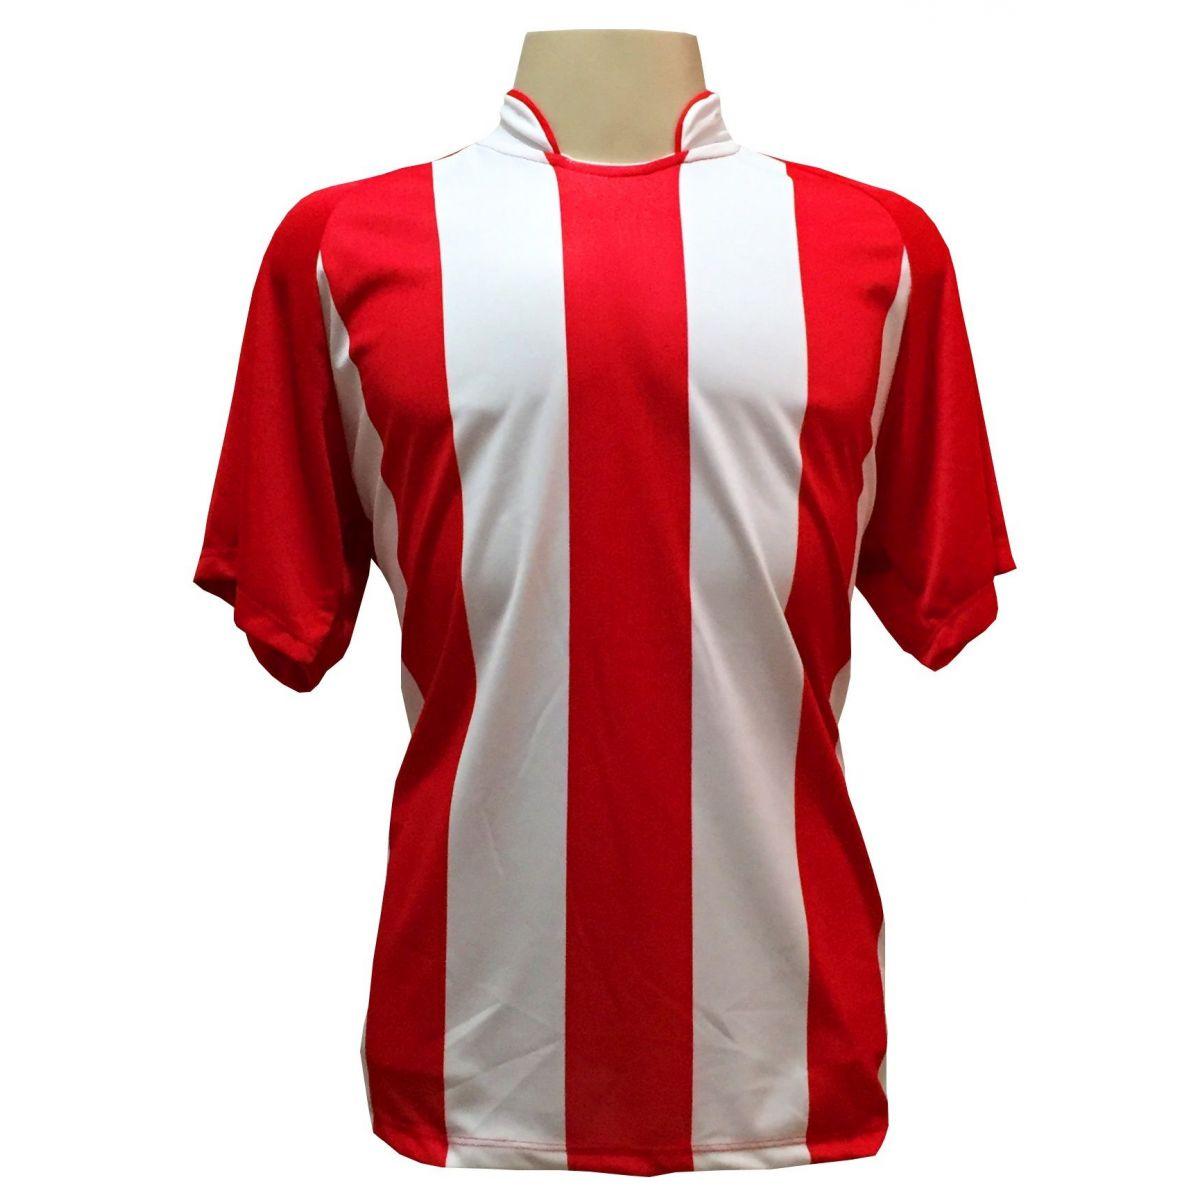 f0d77ff282 Uniforme Esportivo com 12 camisas modelo Milan Vermelho Branco + 12 ...